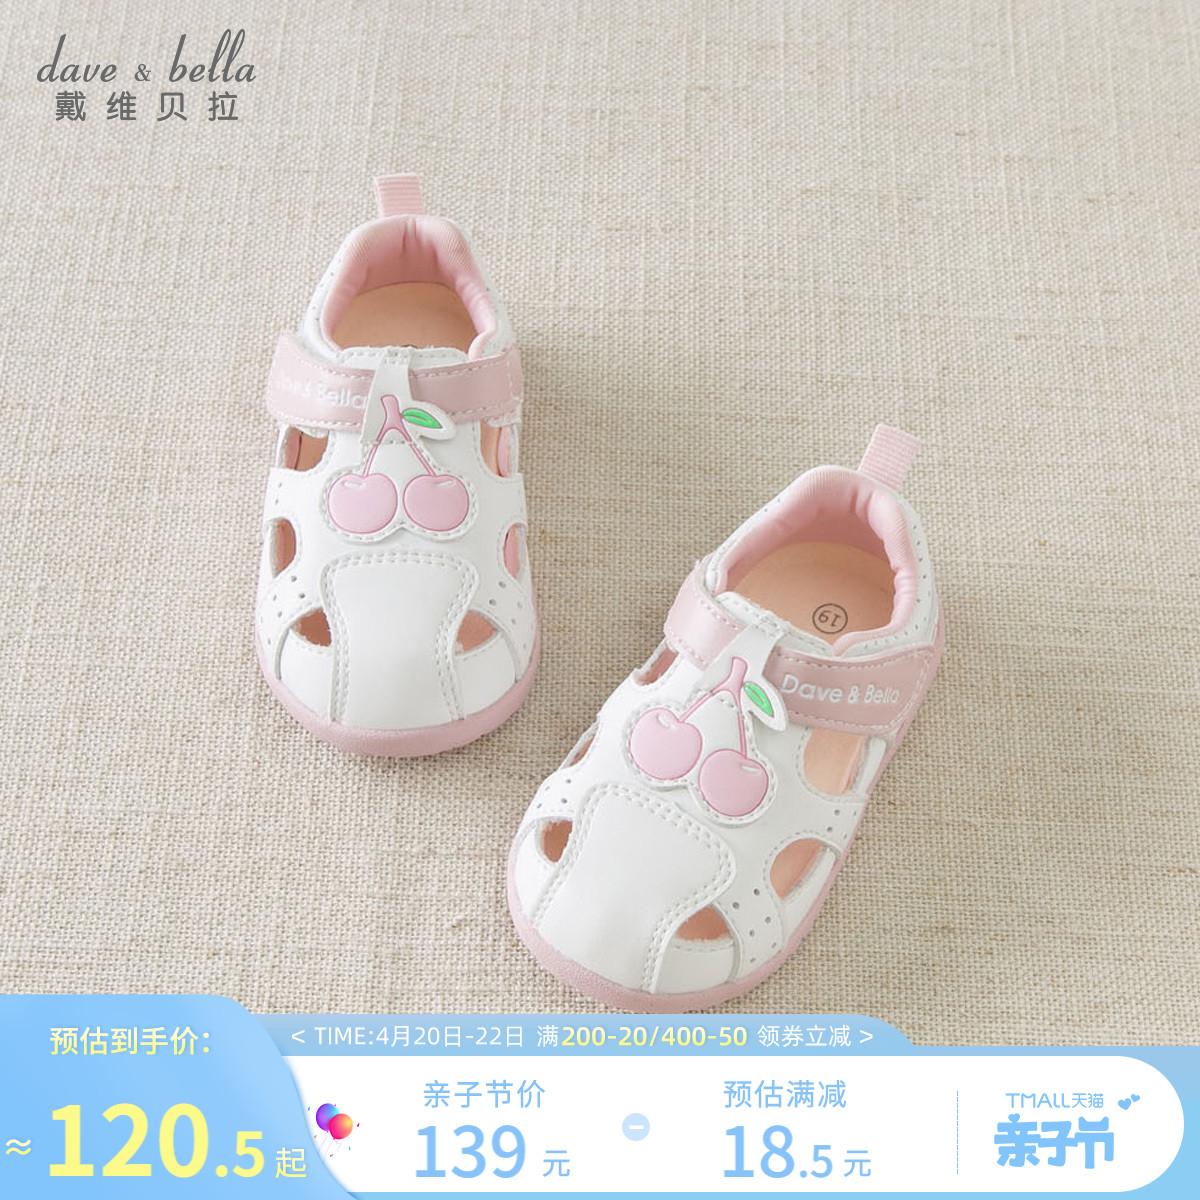 戴维贝拉童鞋夏季新款女童鞋子小童宝宝包头凉鞋儿童洋气学步鞋